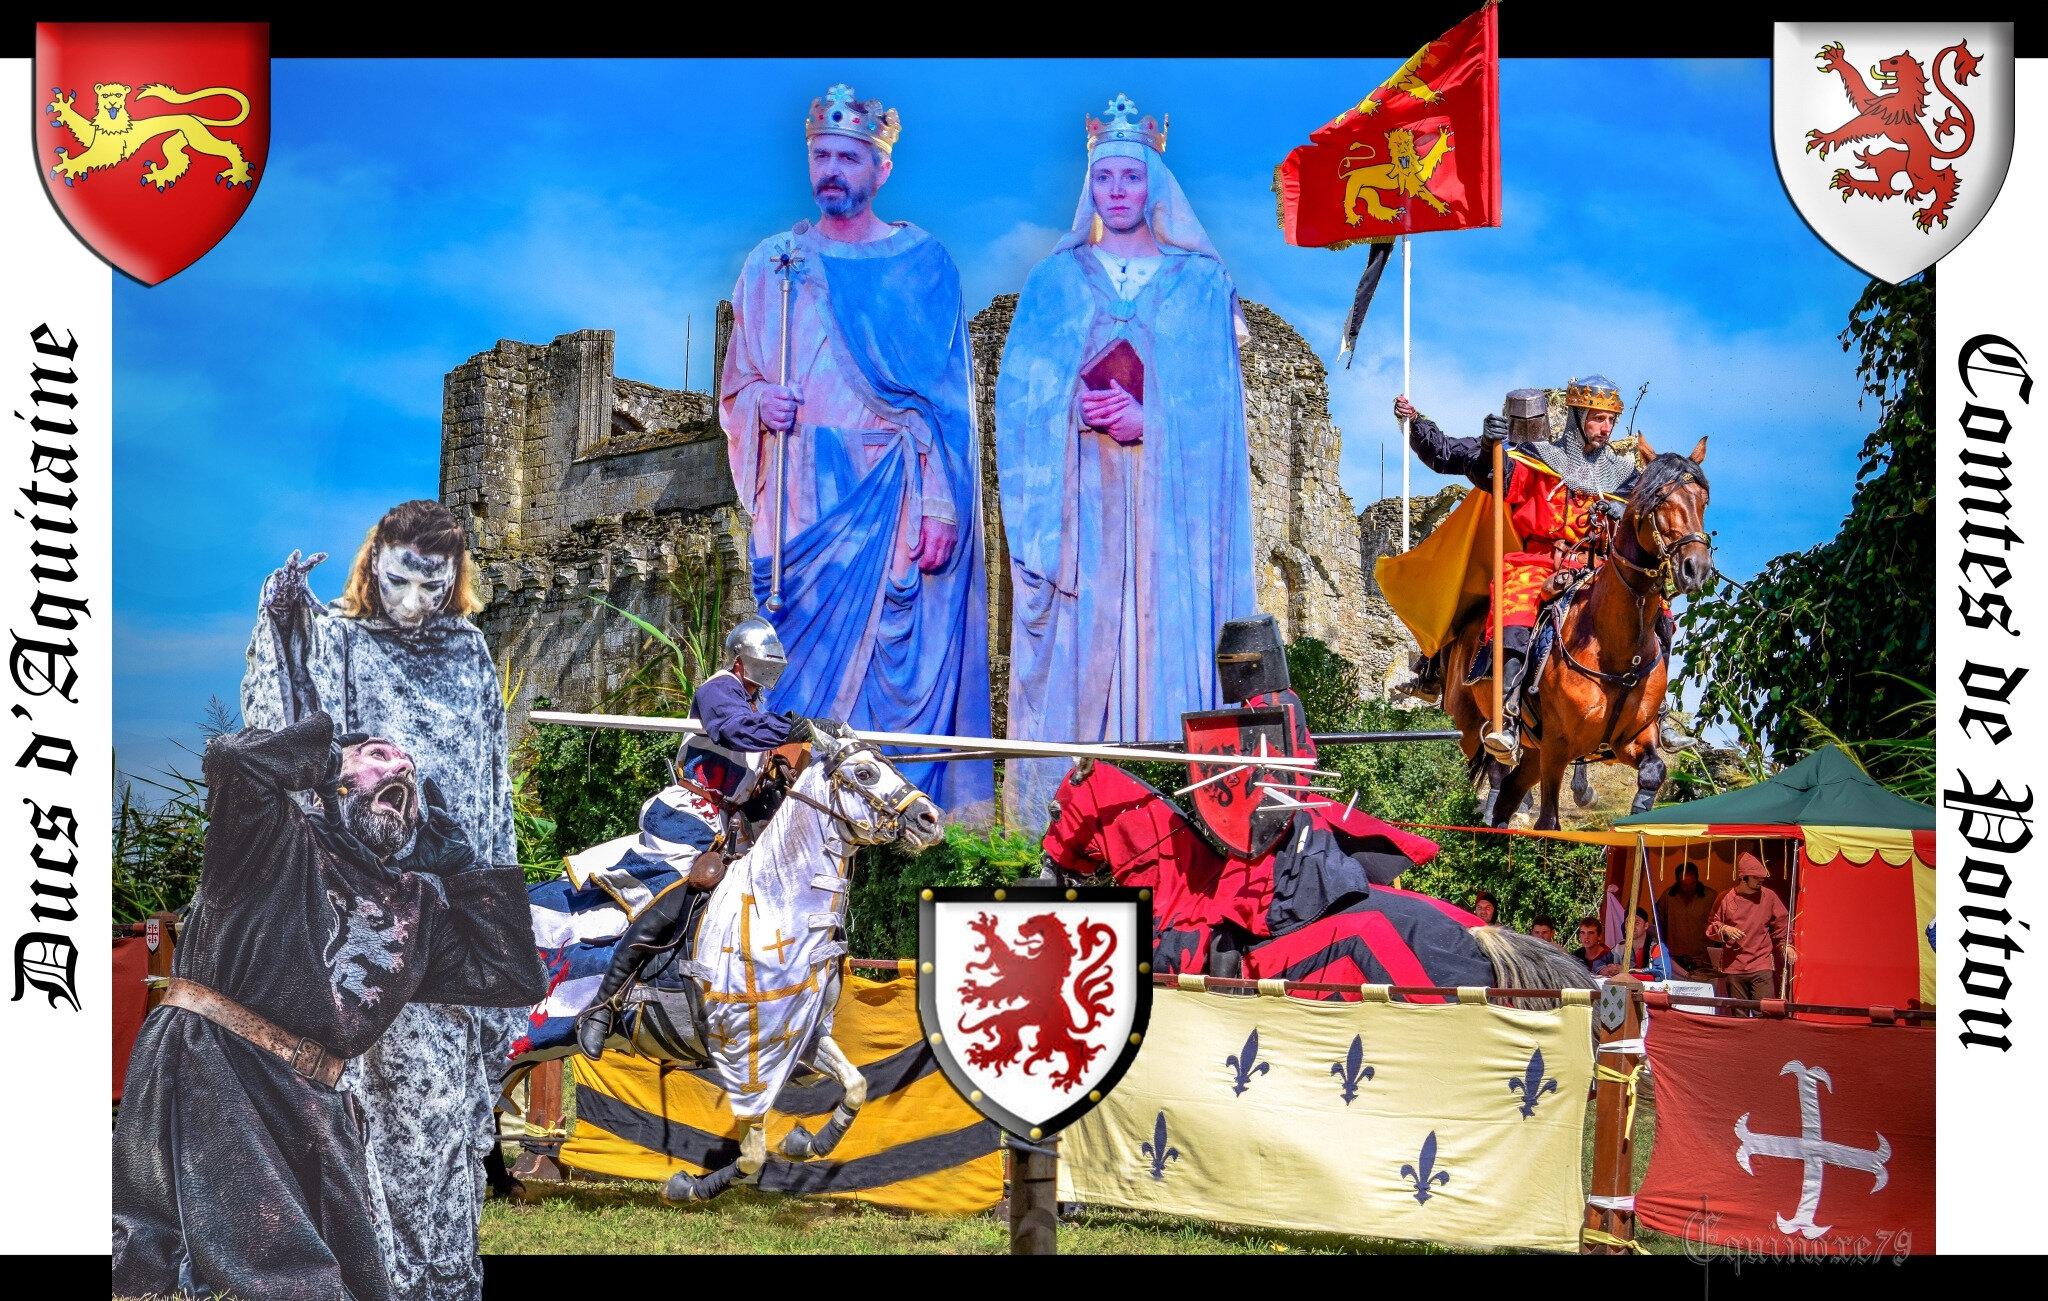 La Conversion de Guillaume X d'Aquitaine, Mariage de Louis VII le Jeune, futur roi de France avec Aliénor de Guyenne